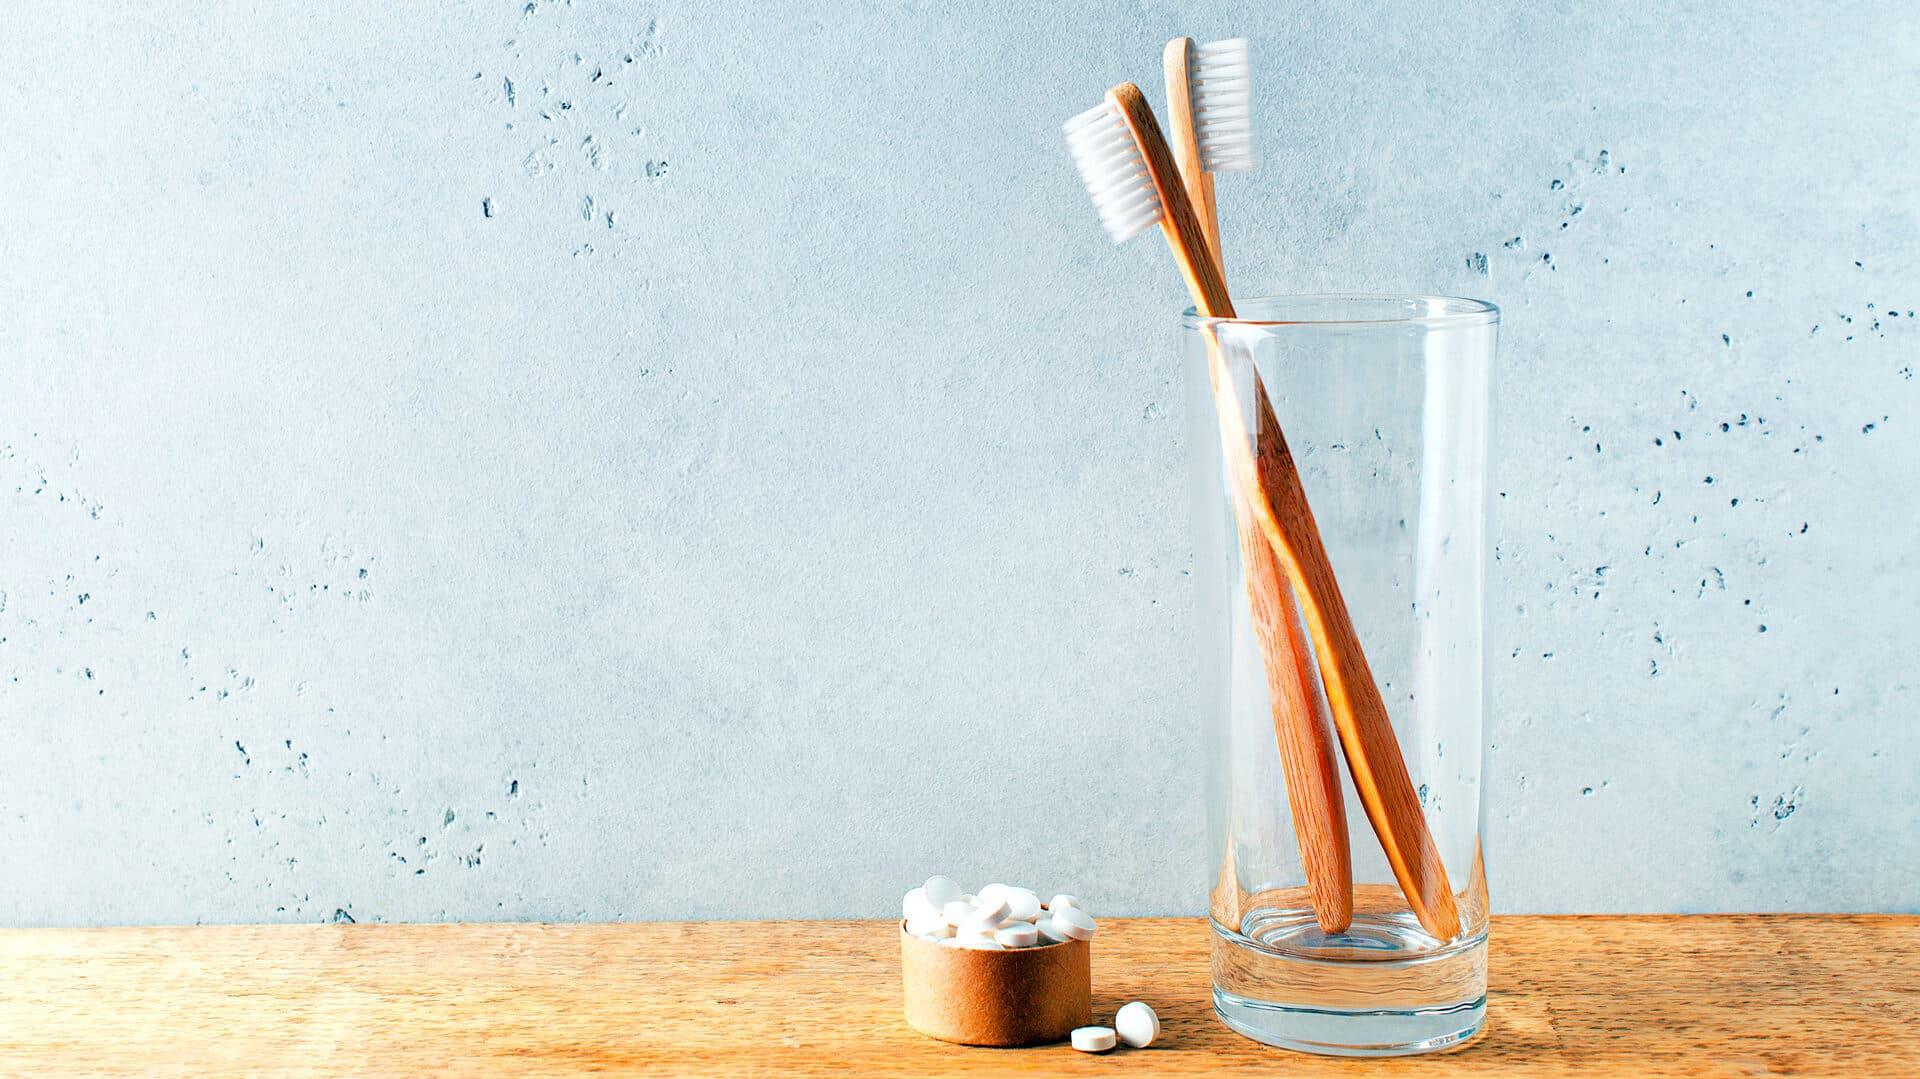 Zwei Bambuszahnbürsten in einem Glas, daneben Zahnputztabletten in einem Döschen.